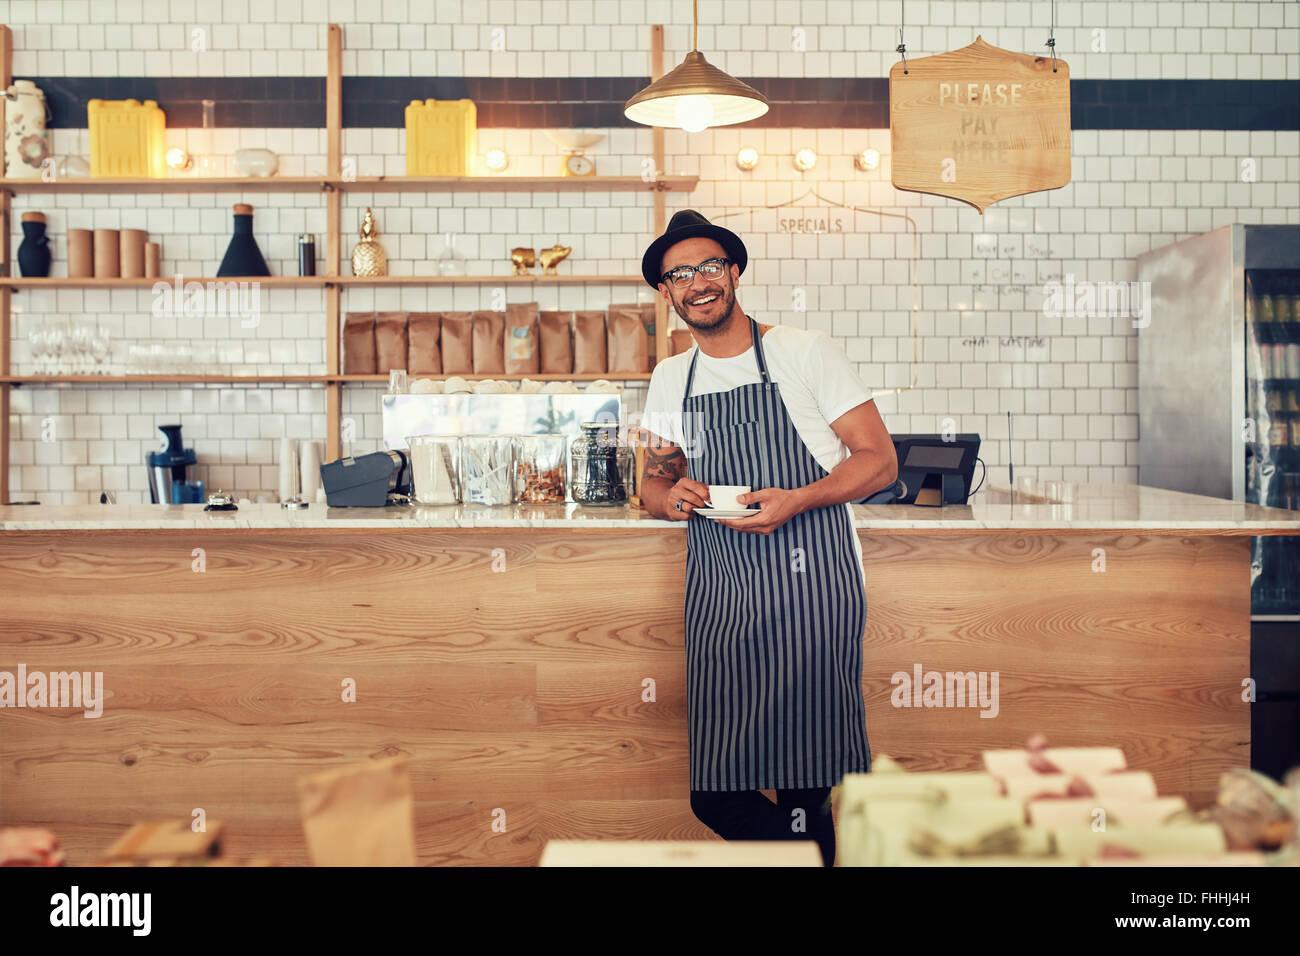 Retrato de joven feliz vistiendo un delantal y sombrero de pie en una cafetería counter sosteniendo una taza Imagen De Stock